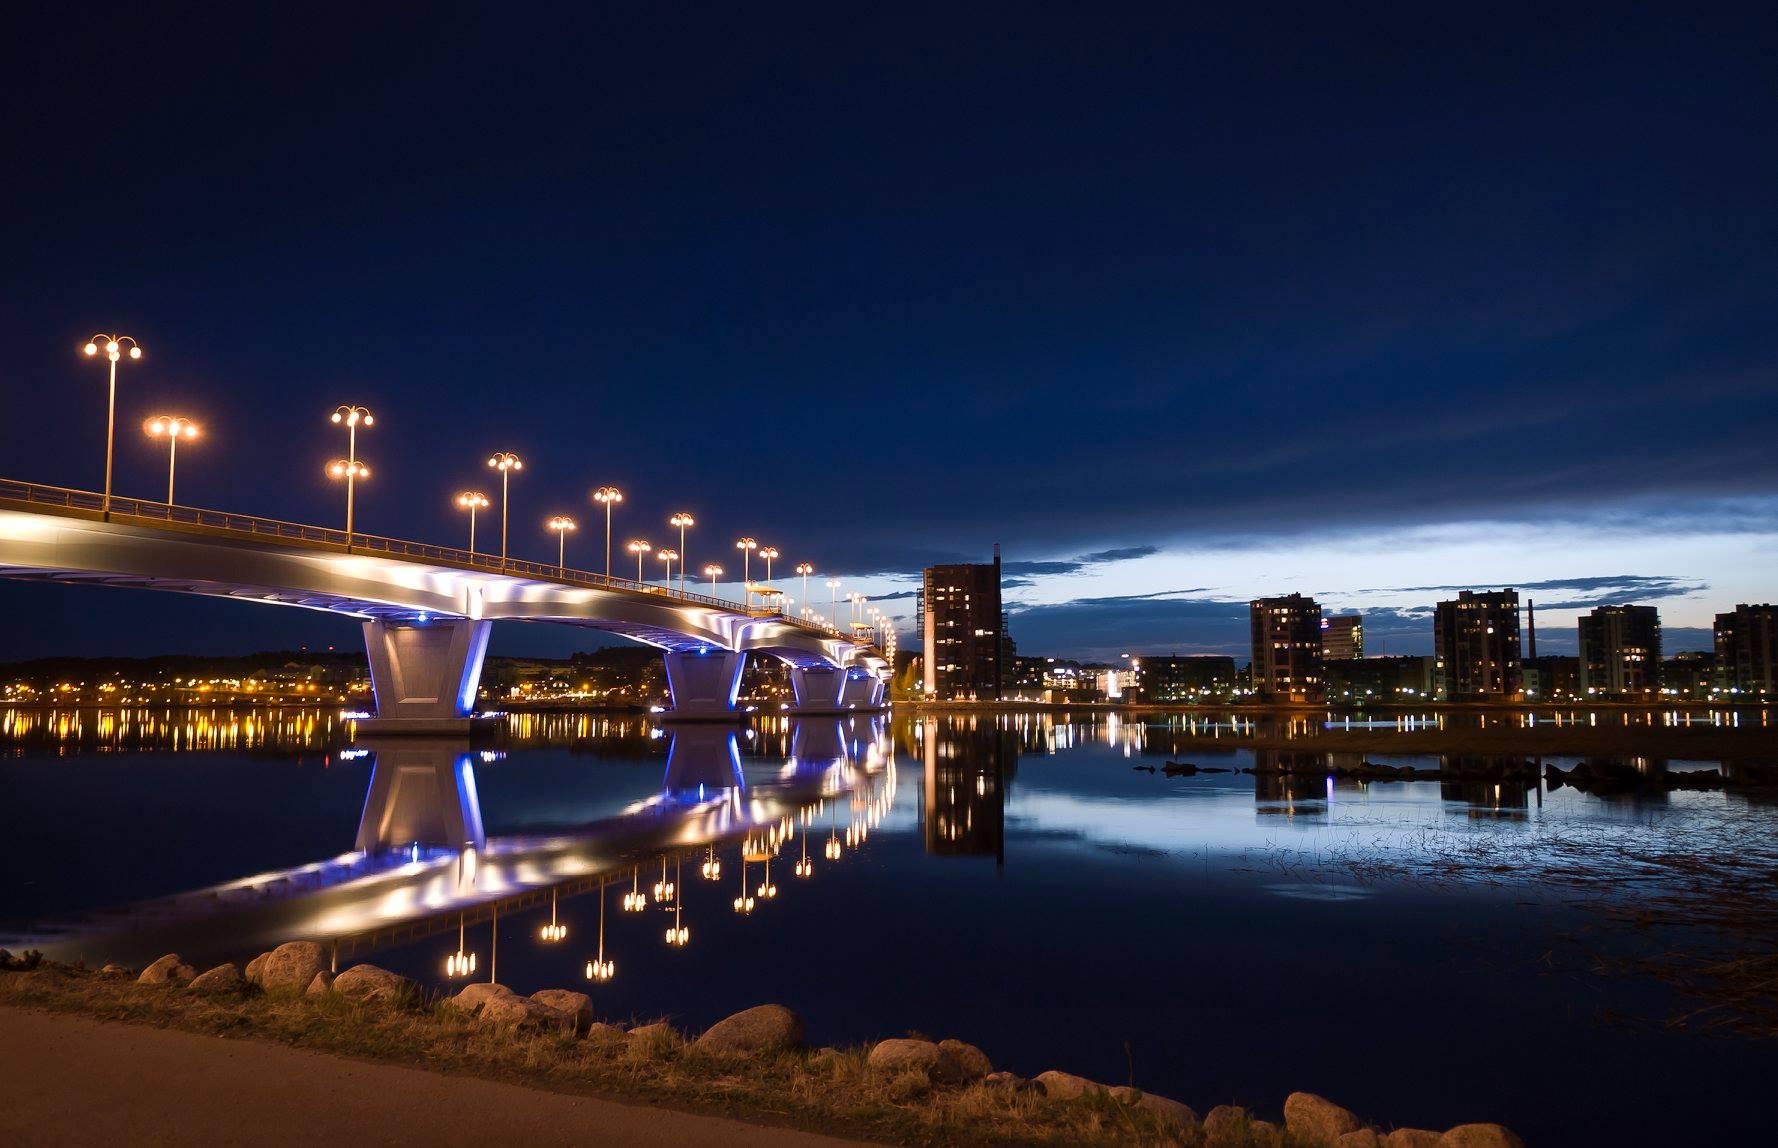 Valon kaupunki Jyväskylä. Kuva: Jani Salonen